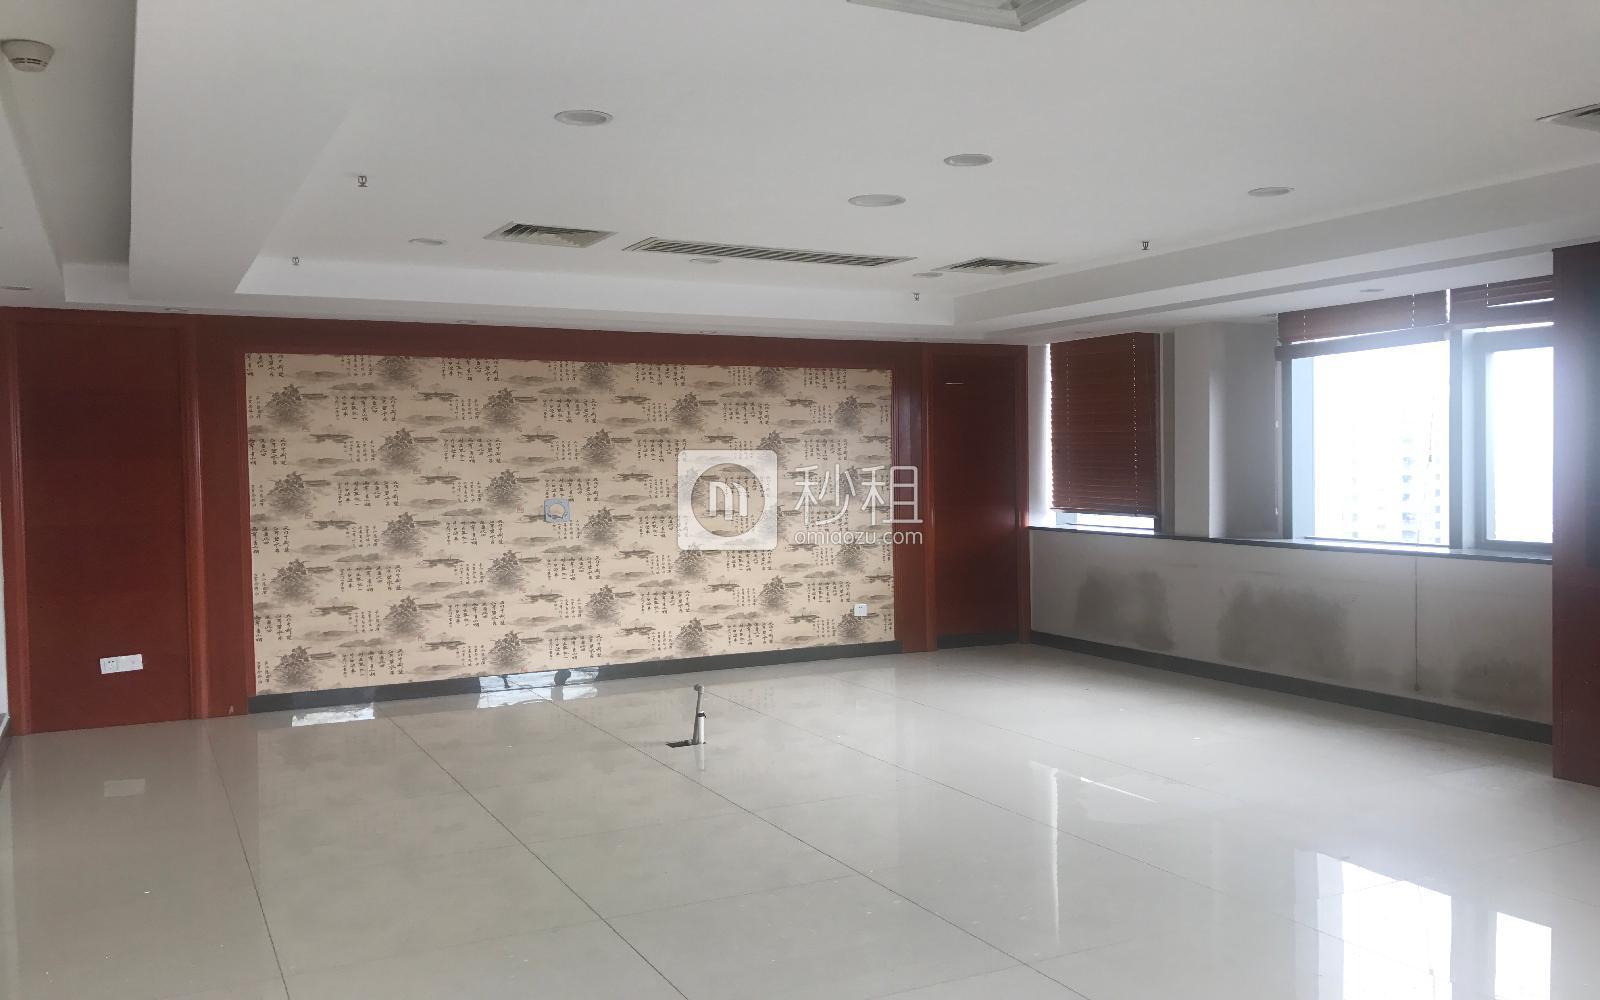 龙华-民治 光浩国际中心 273.48m²